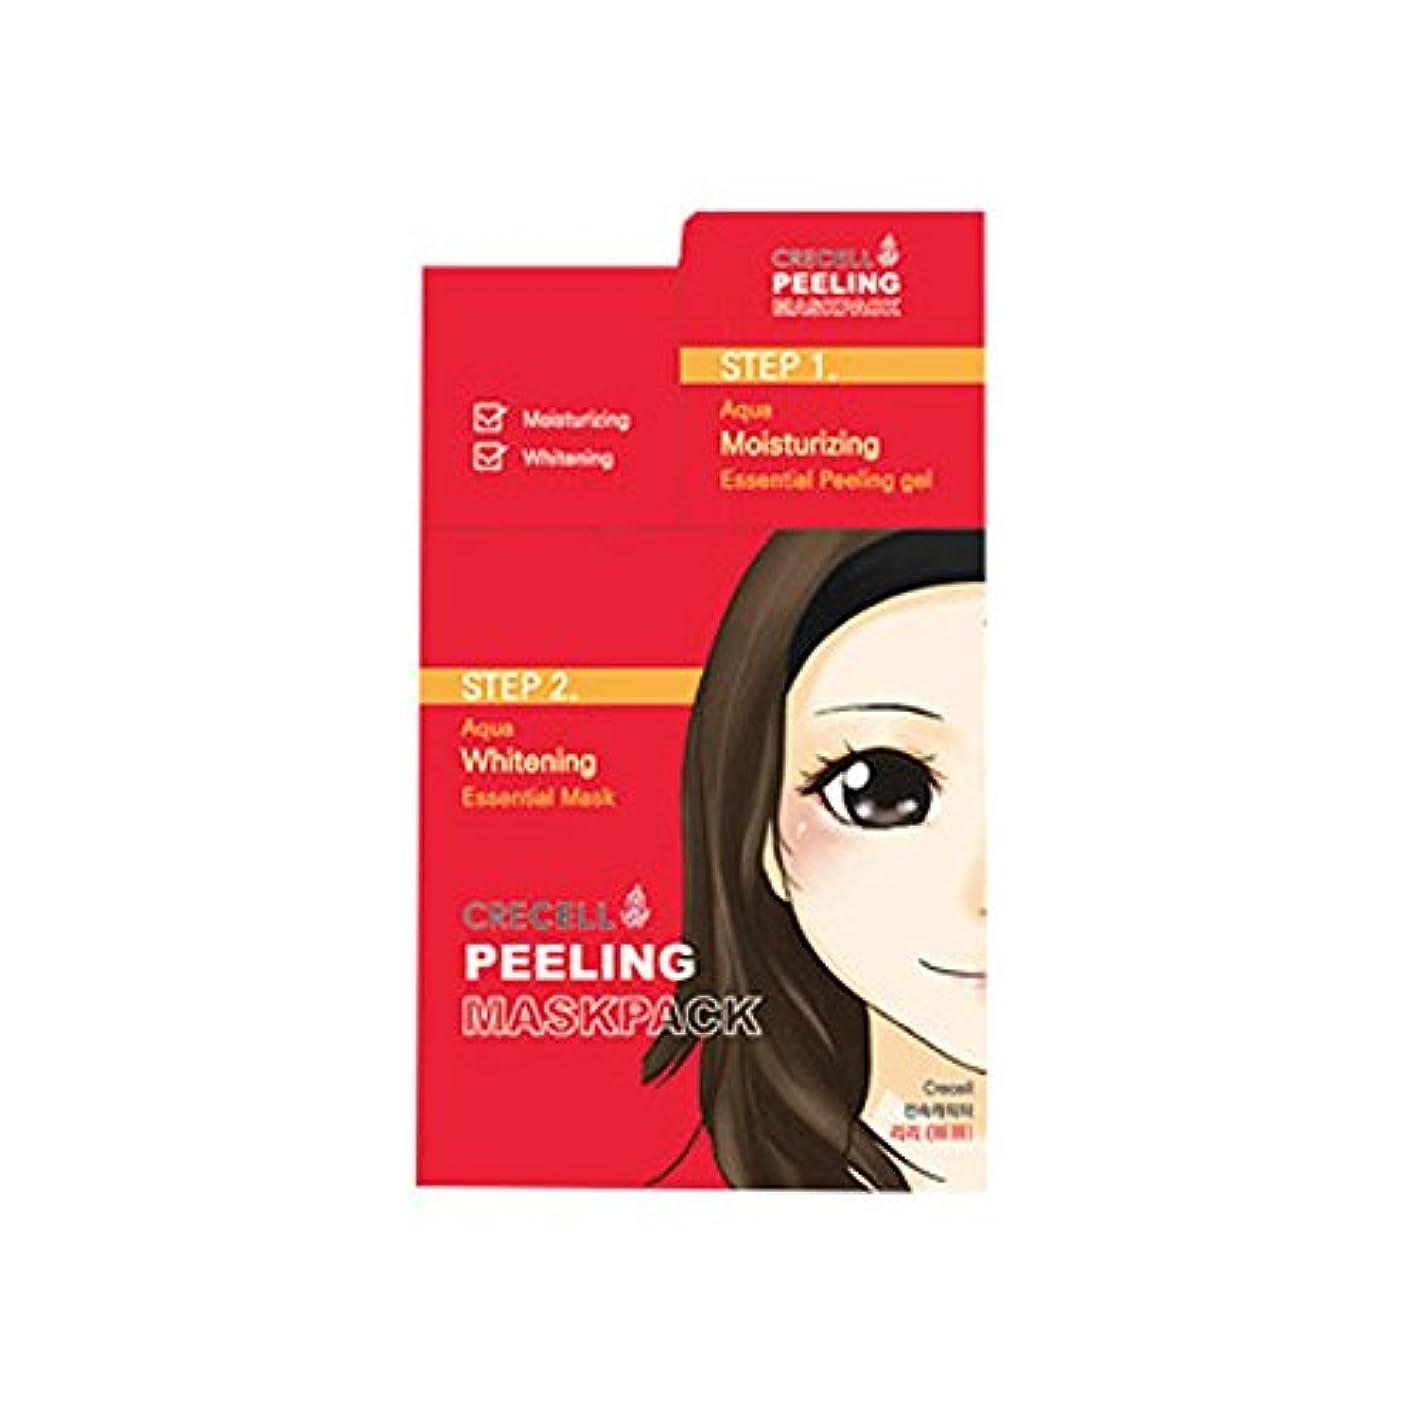 割り当てますグラマー記念品CRECELL Aqua Whitening Essential Mask 2STEP【クリセルアクアホワイトニングエッセンシャルマスク 2ステップ】シートマスク フェイスパック オールインワン 韓国コスメ - 1ステップ...